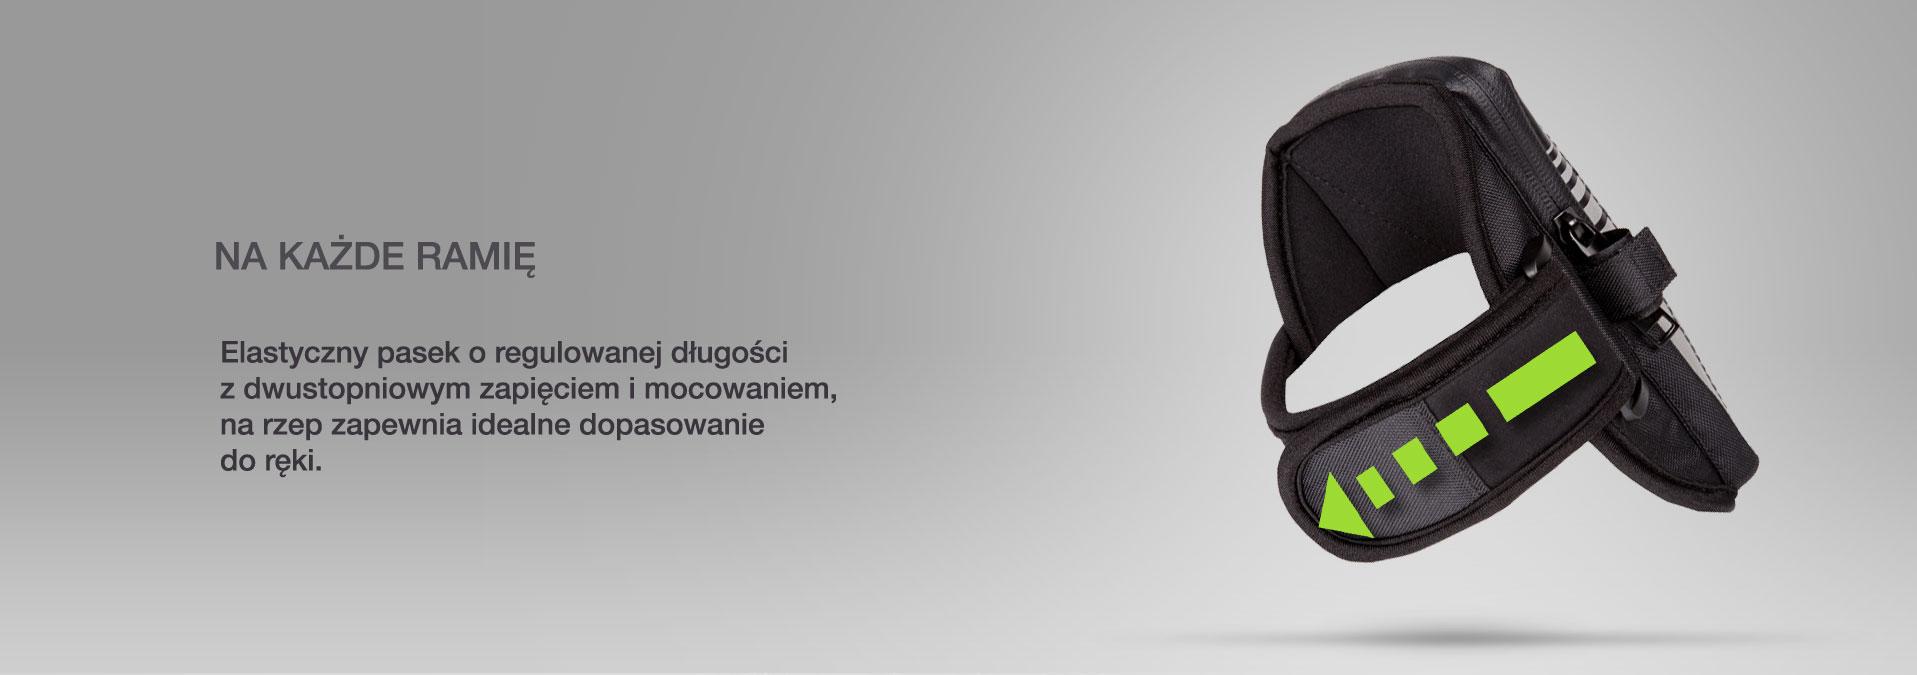 Na każde ramię. Elastyczny pasek o regulowanej długości z dwustopniowym zapięciem i  mocowaniem, na rzep zapewnia idealne dopasowanie do ręki.